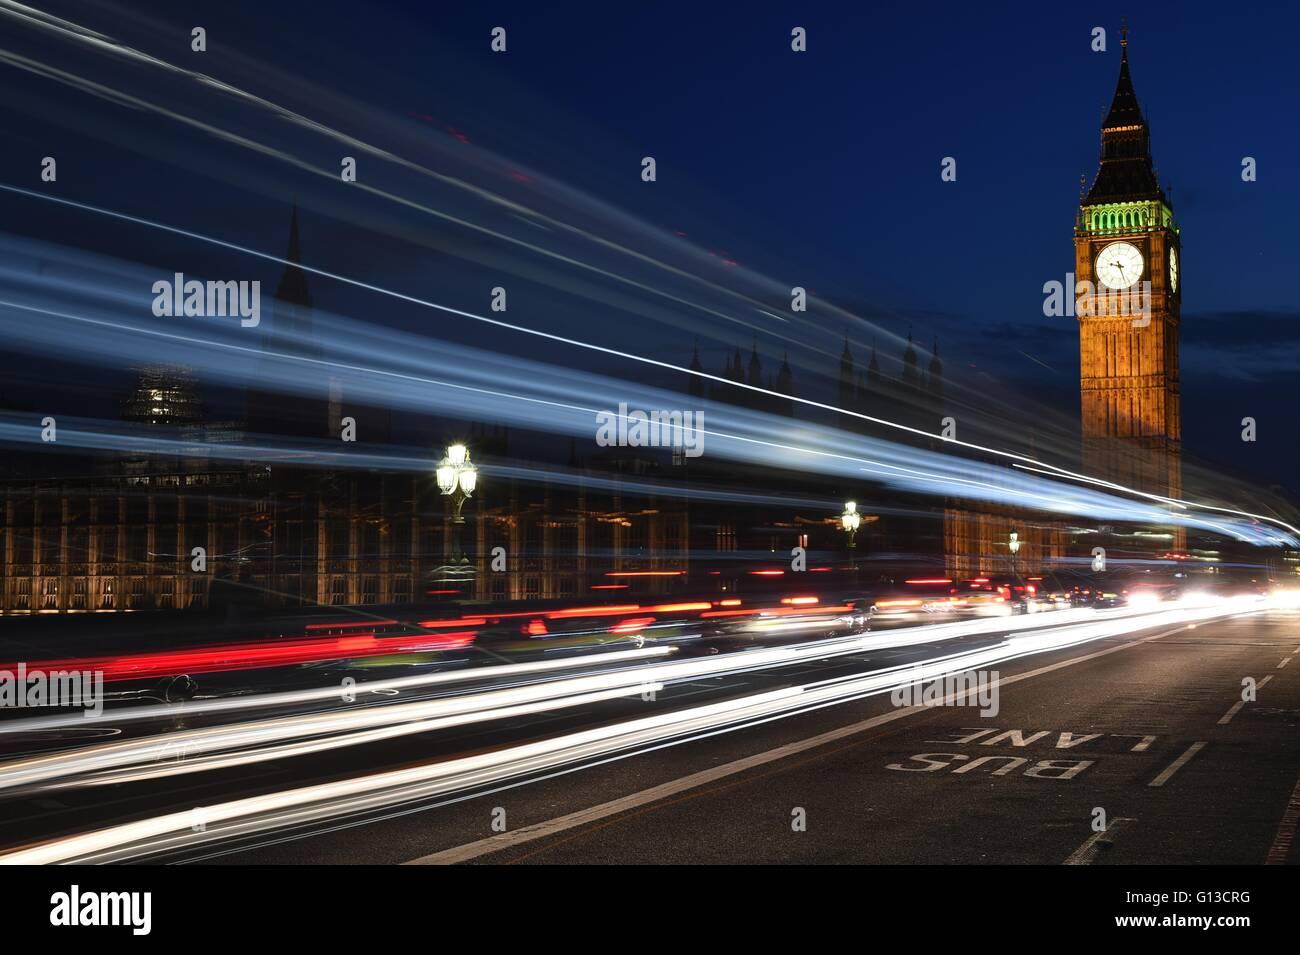 Une photo de nuit de l'abbaye de Westminster, le Big Ben et London traffic light trails Photo Stock